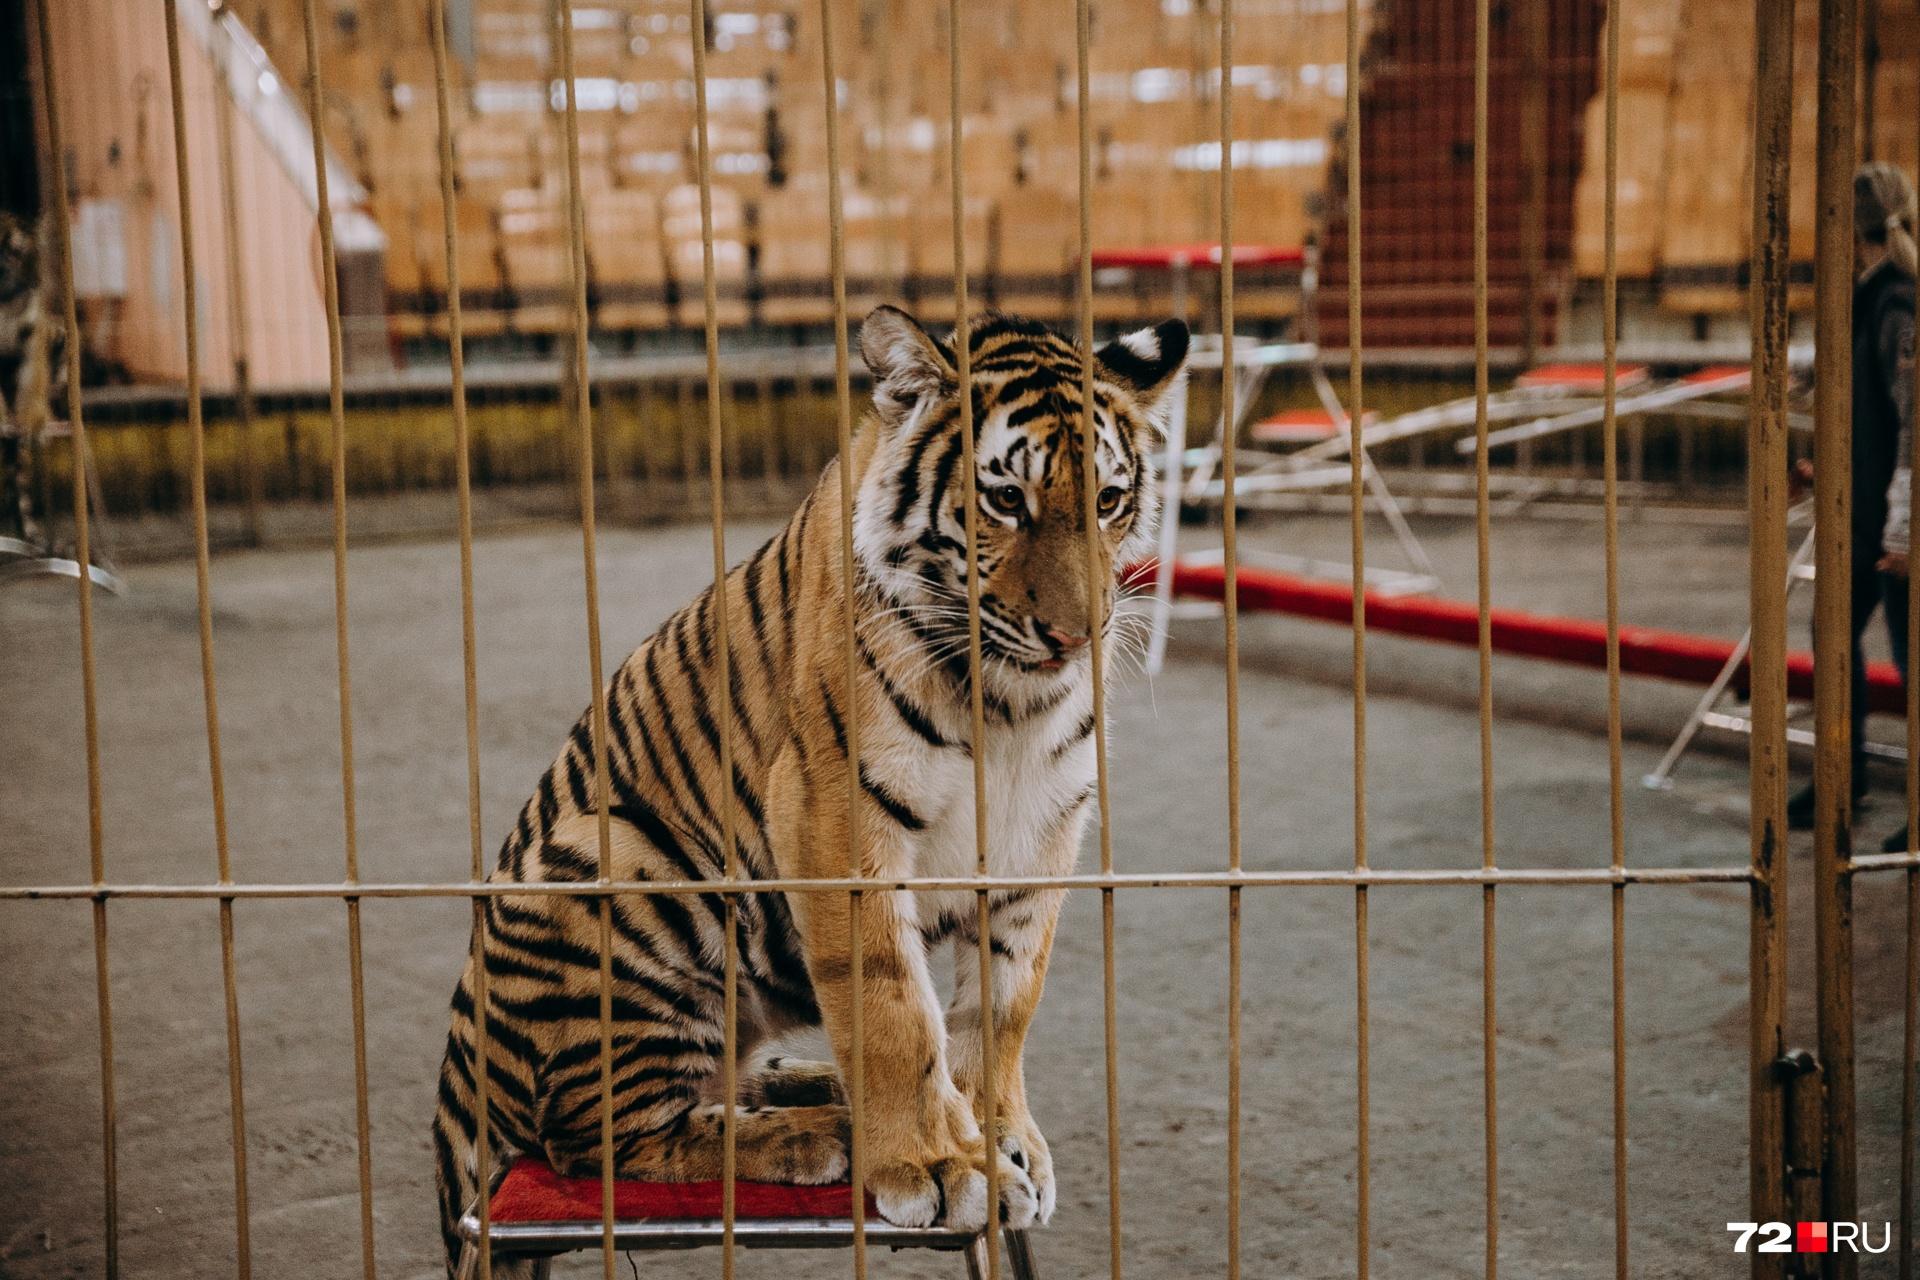 Это тигр-подросток Ляля. Она грустит, потому что побила лапами остальных участников номера, и они все на нее разозлились